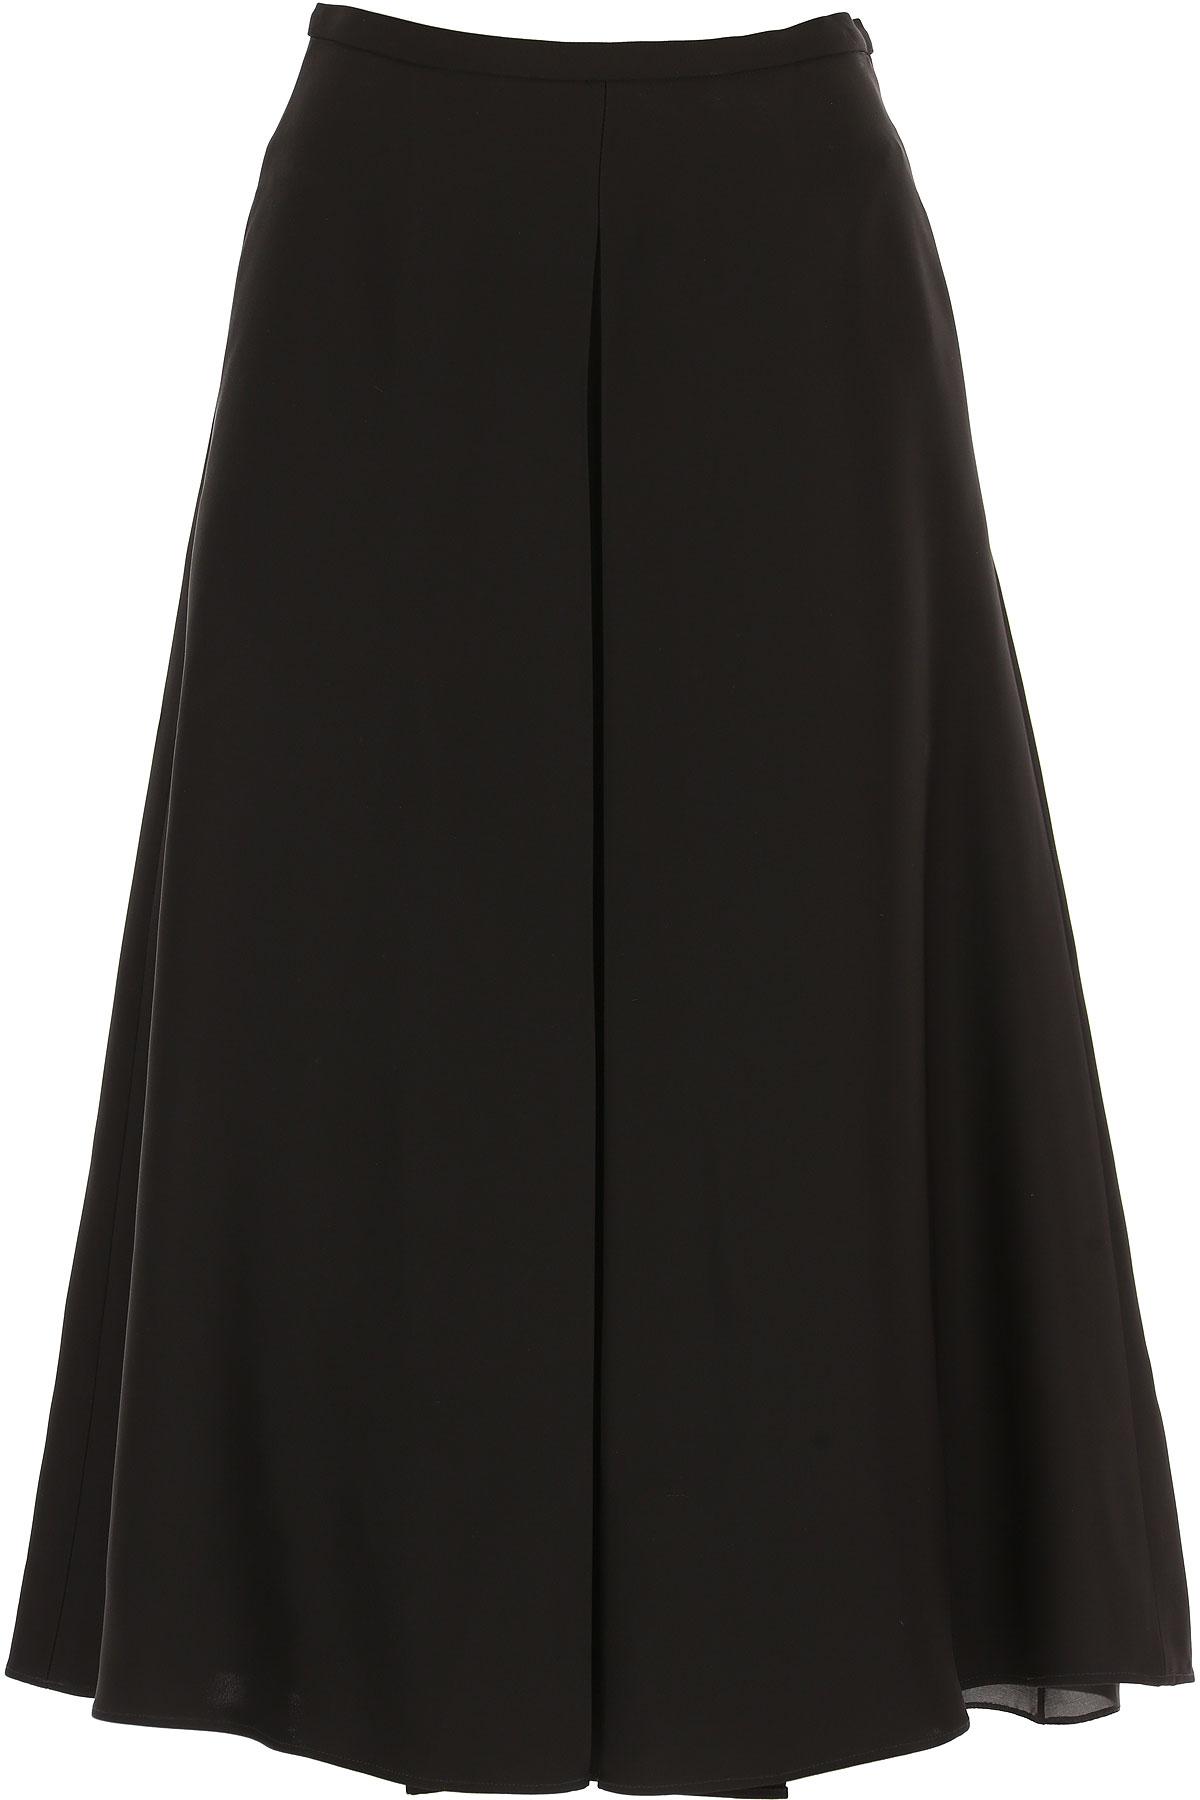 Image of Rochas Skirt for Women On Sale, Black, Viscose, 2017, 26 28